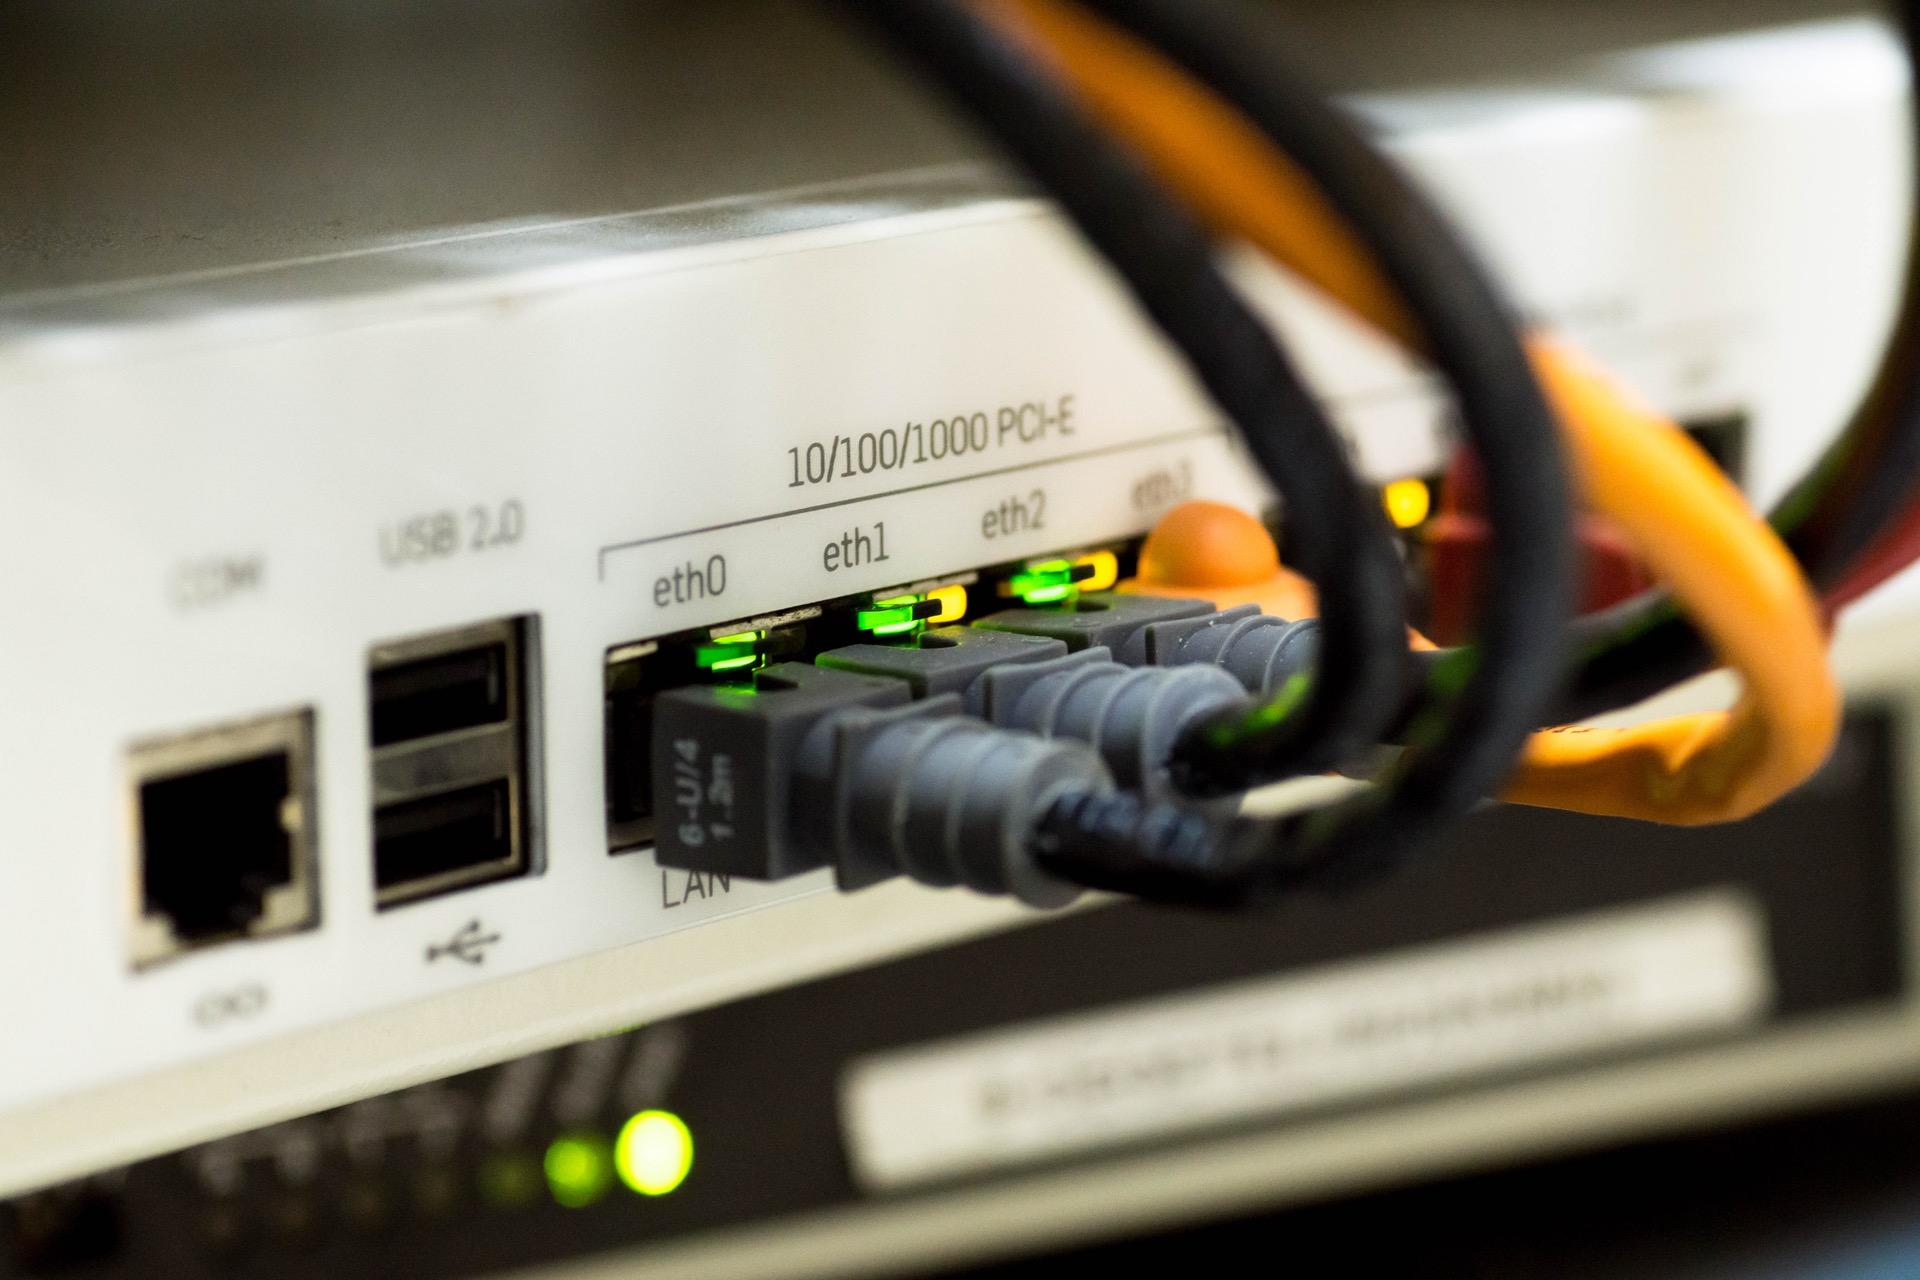 Kiire internetiühendus ei jõua sel aastal kavandatud mahus kodudesse